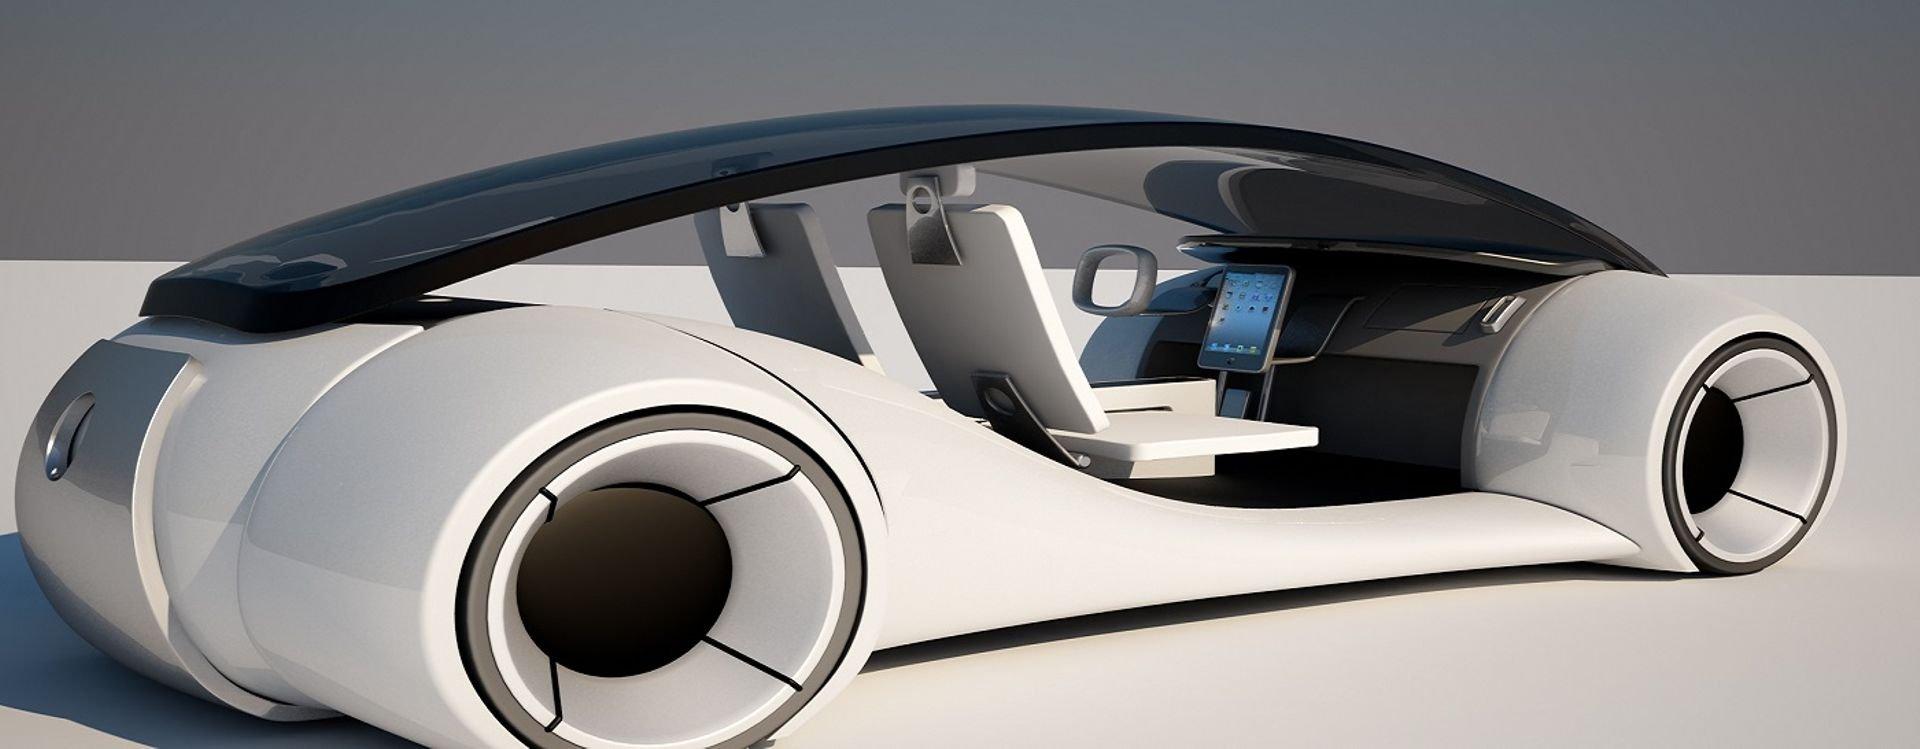 الشركة الأمريكية أبل واحدة من أكبر الشركات في العالم للإلكترونيات والأن تريد أن تنتج جيا جديد من السيارات الكهربائية